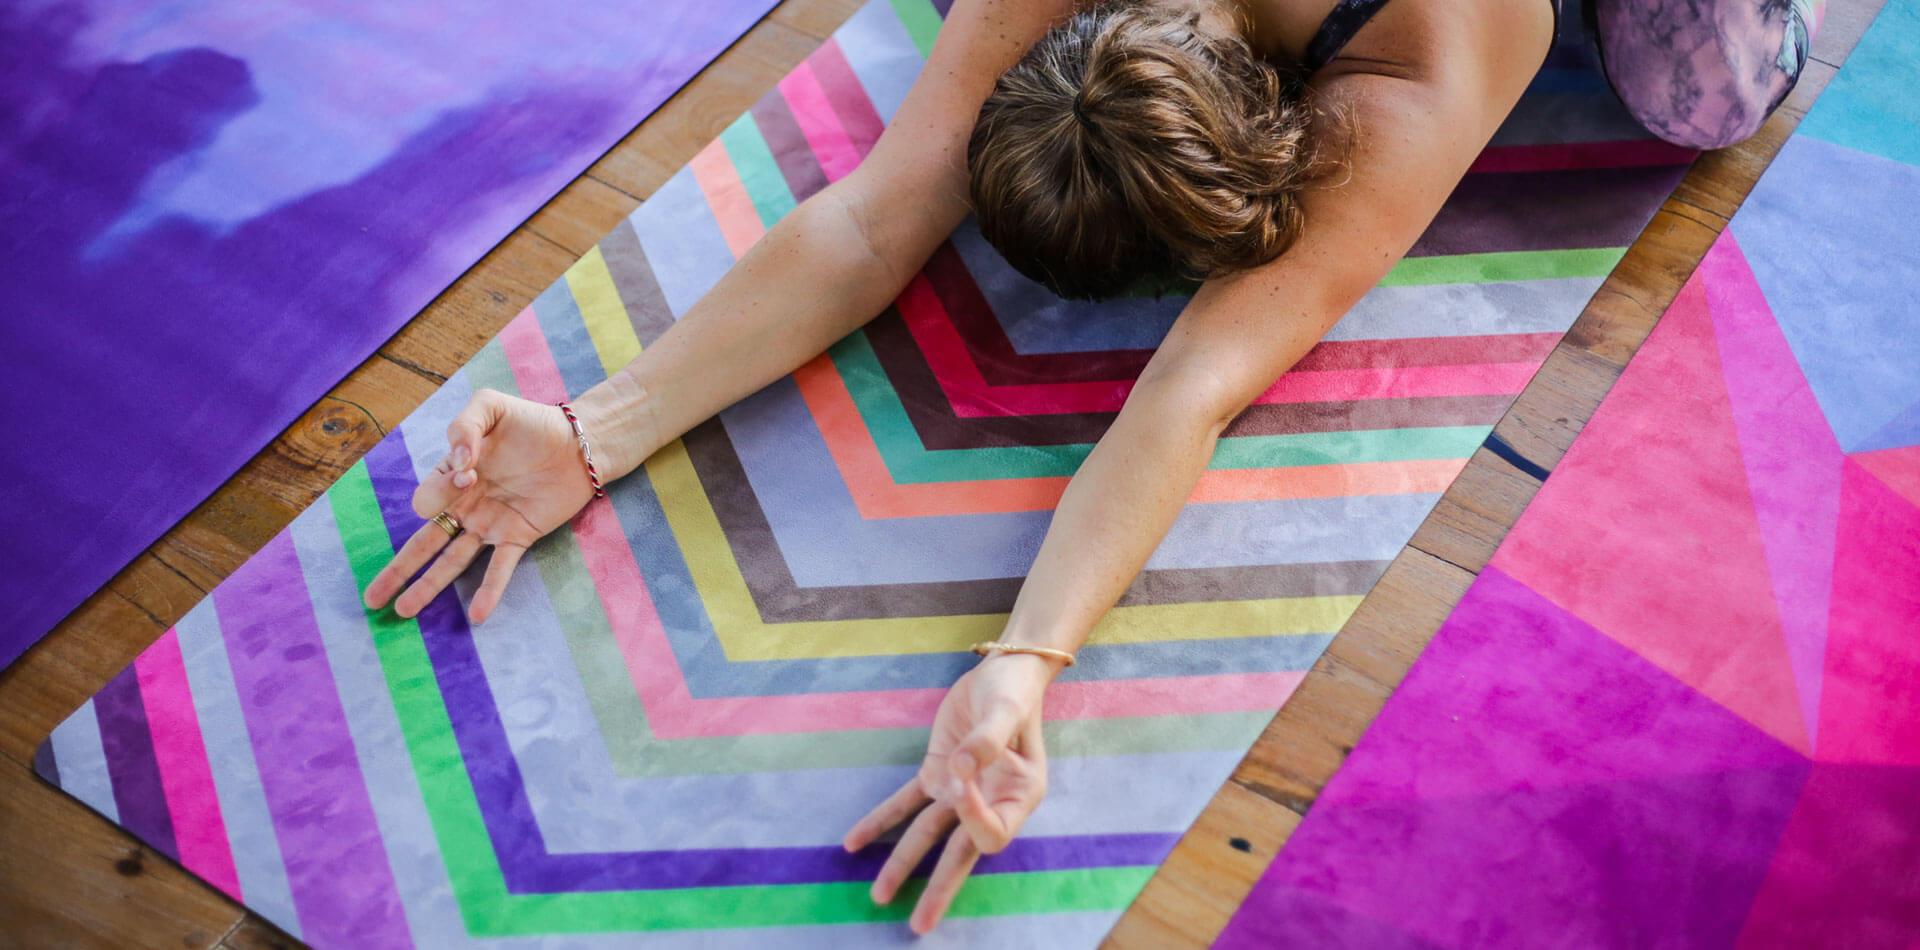 How should you choose a yoga mat? 20